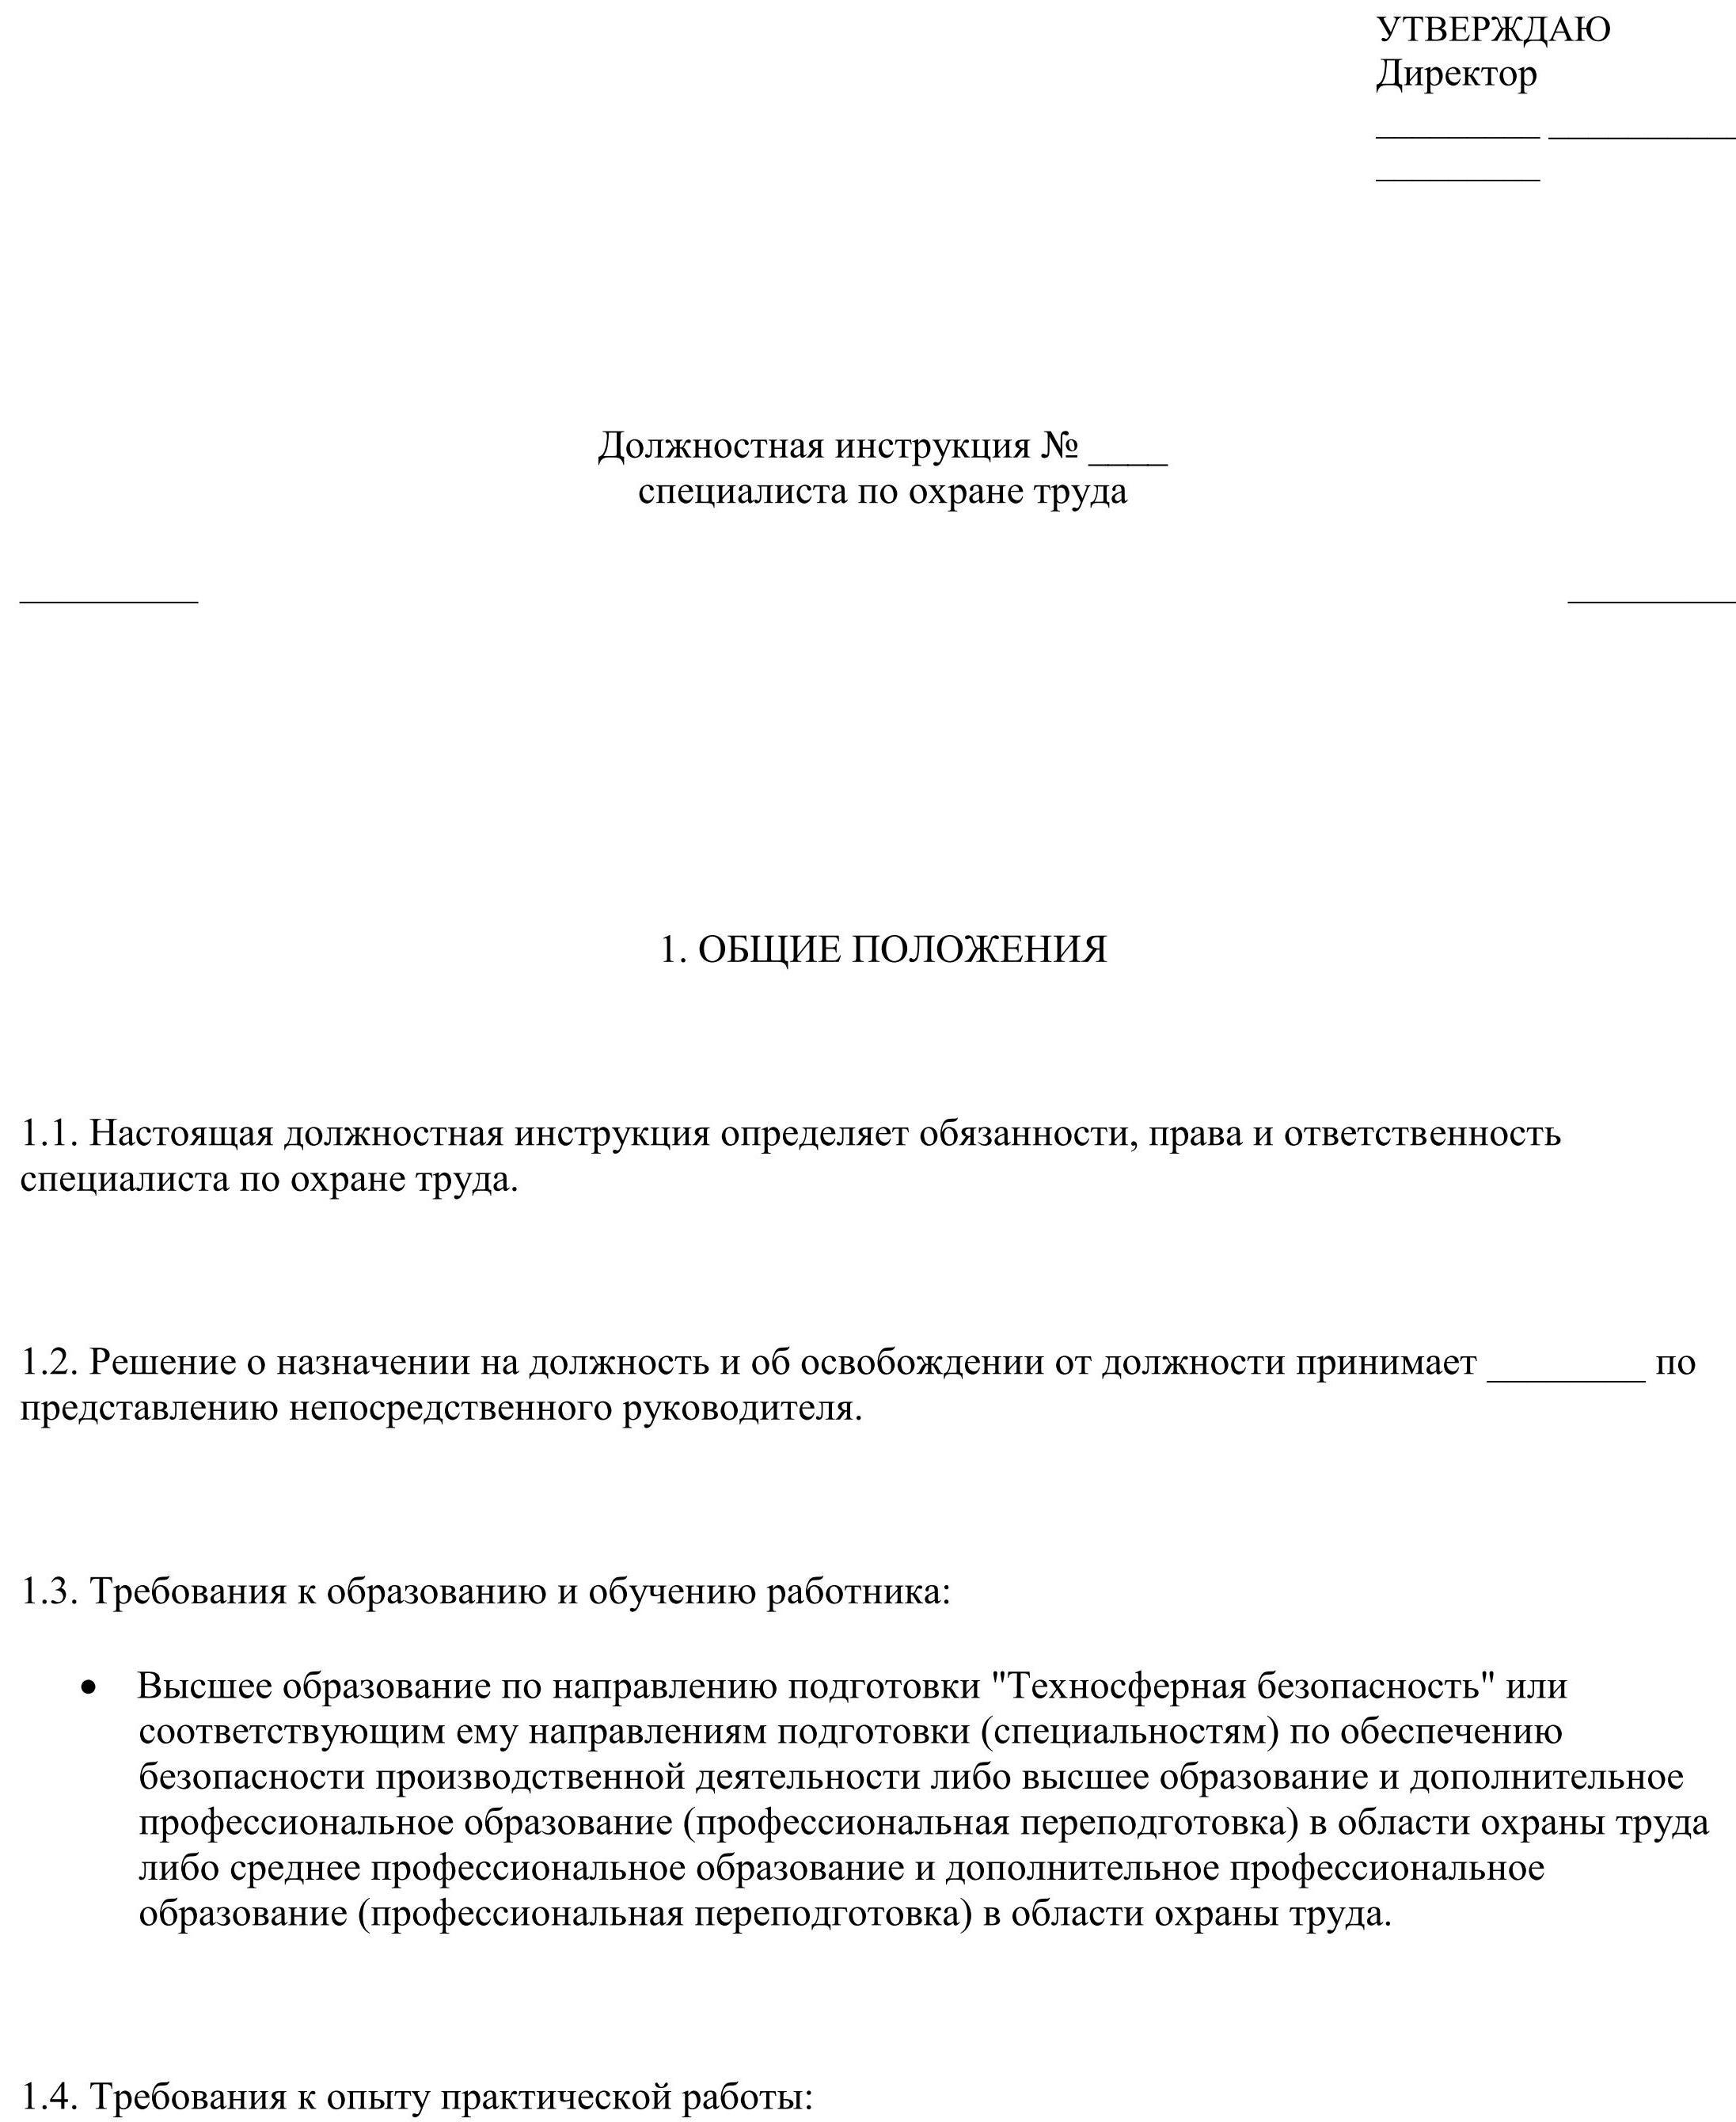 Фондовые рынки России. Лучшие брокеры России на фондовом рынке